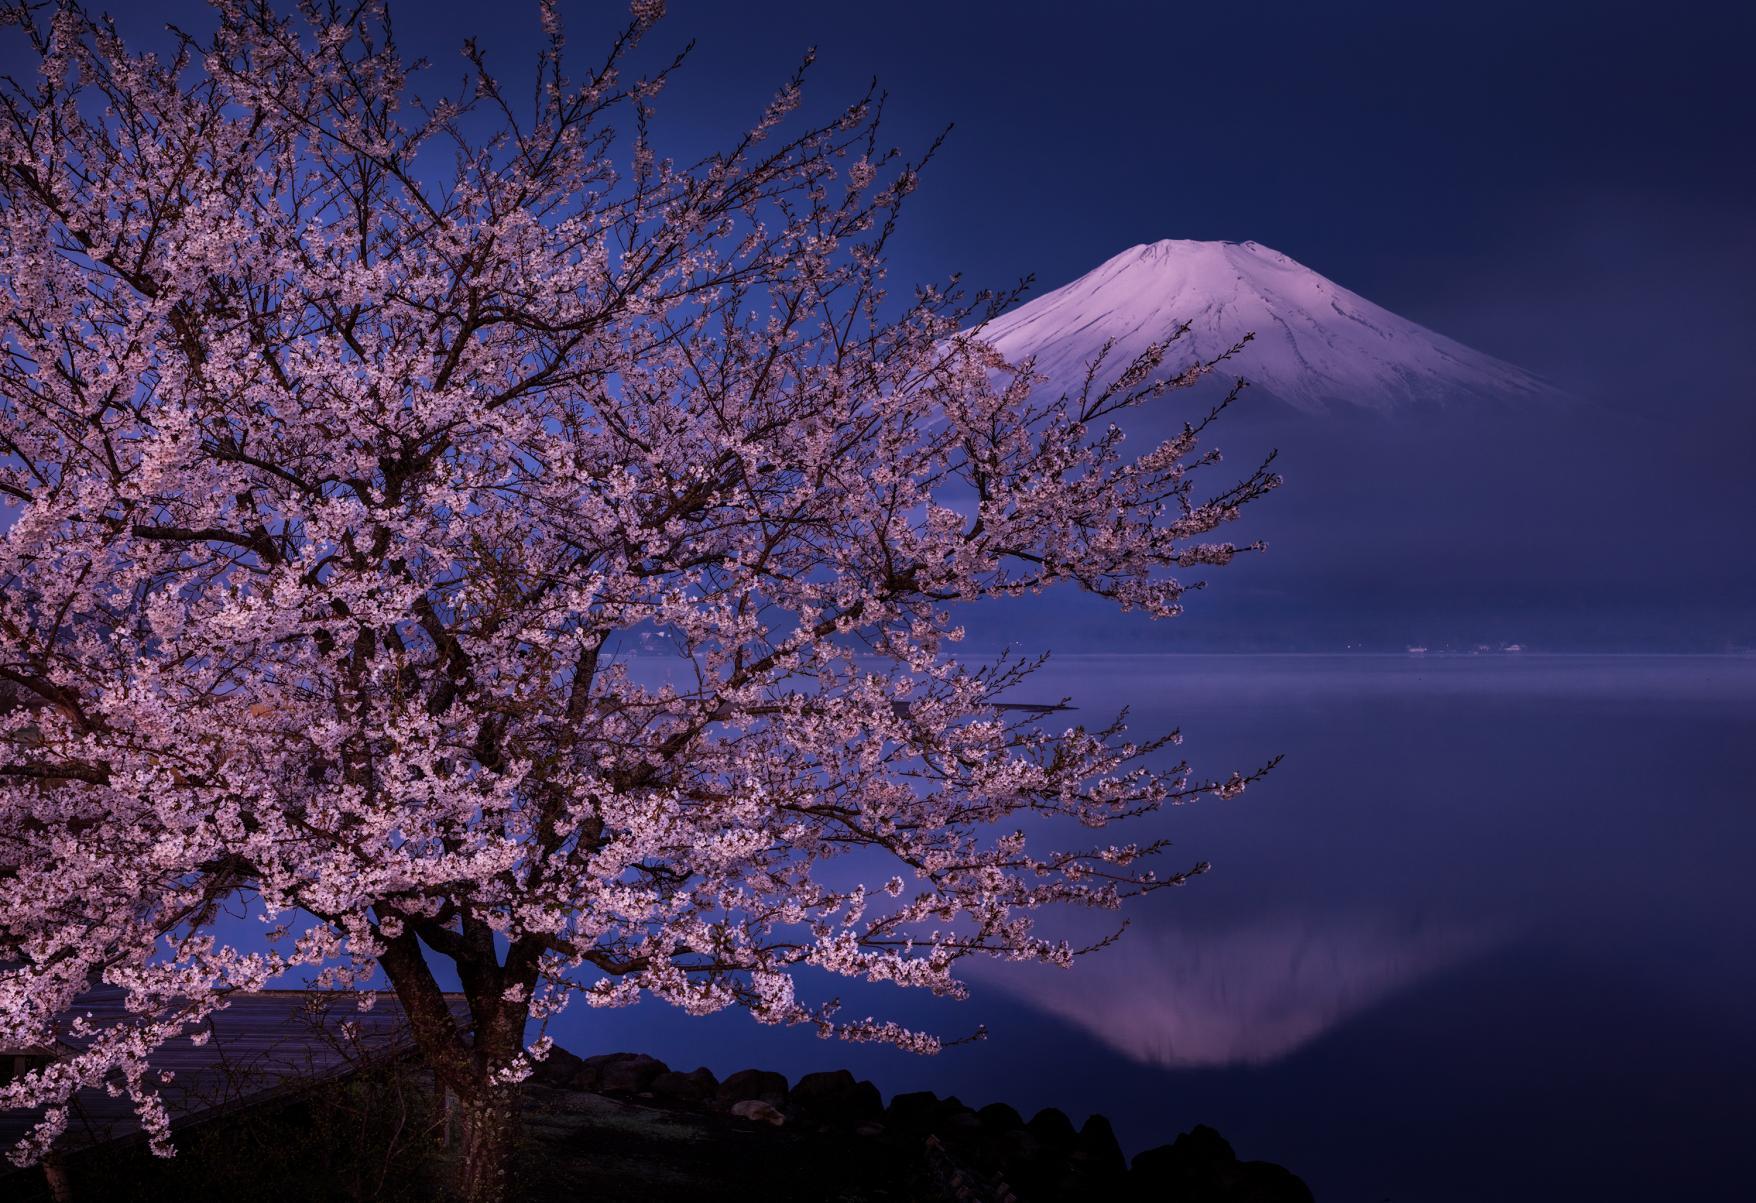 富士山と桜の競演!絶景桜スポット